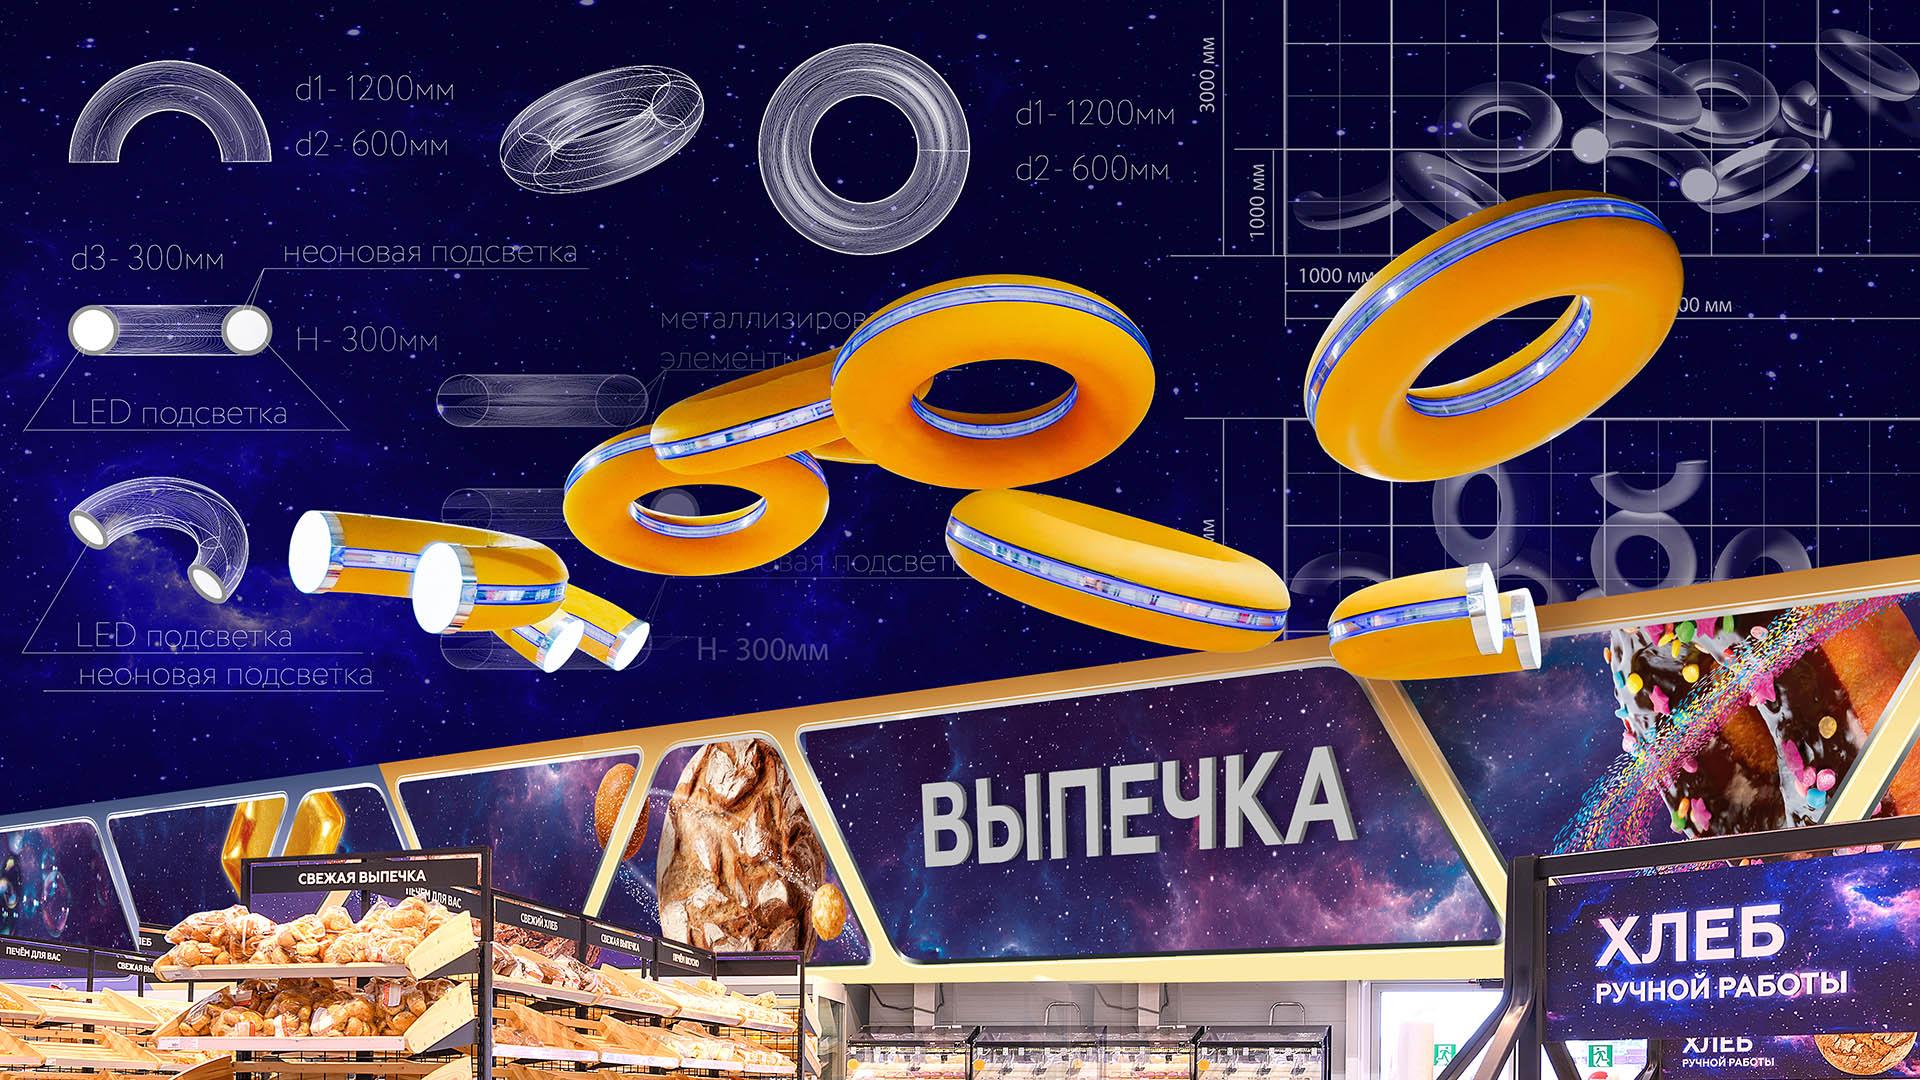 Дизайн подвесных конструкций светильников в супермаркете